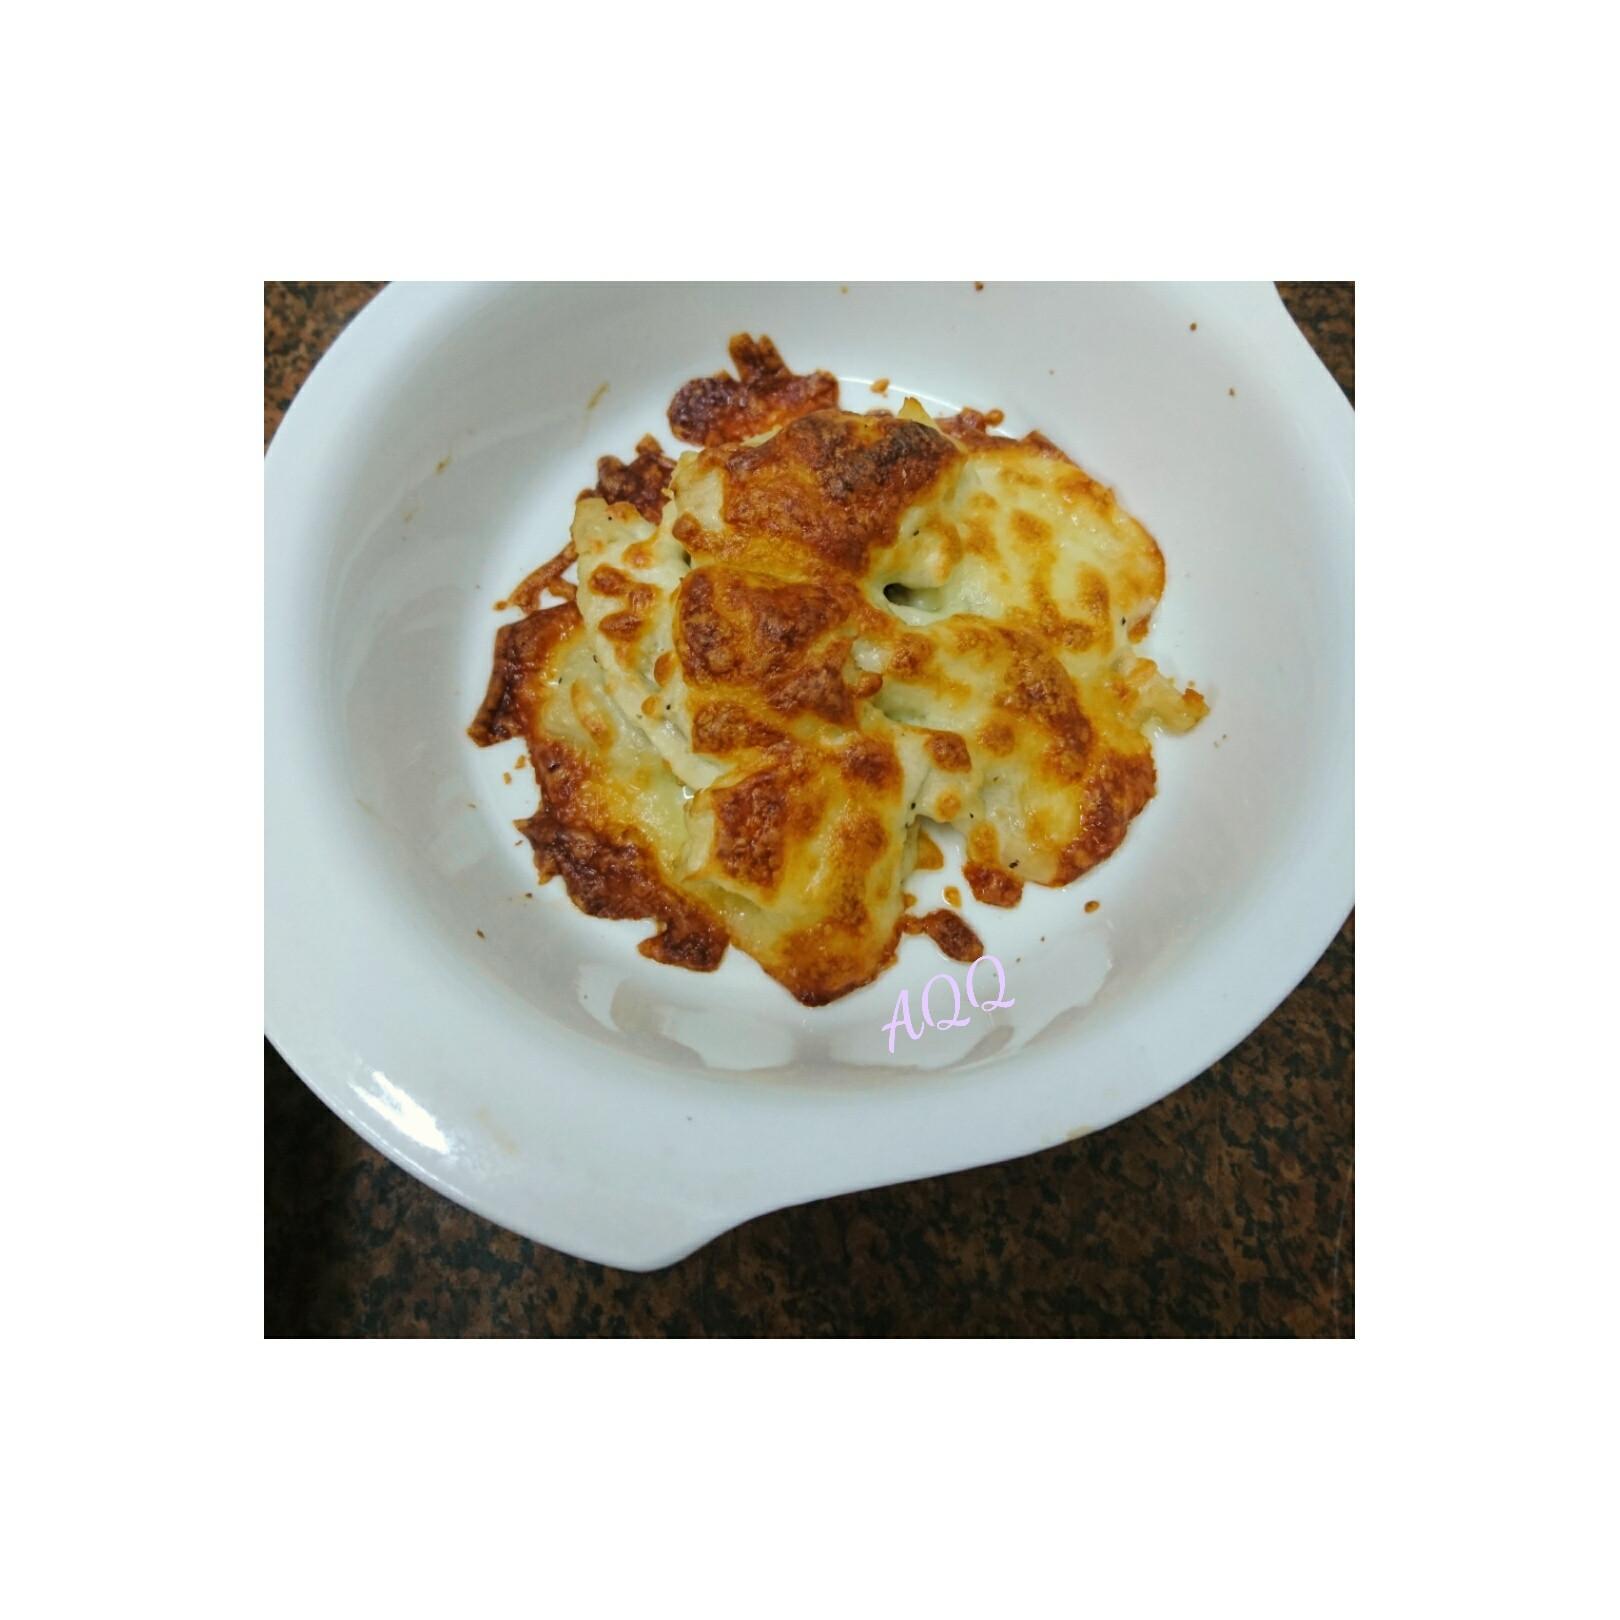 焗烤乳酪蒜味雞肉